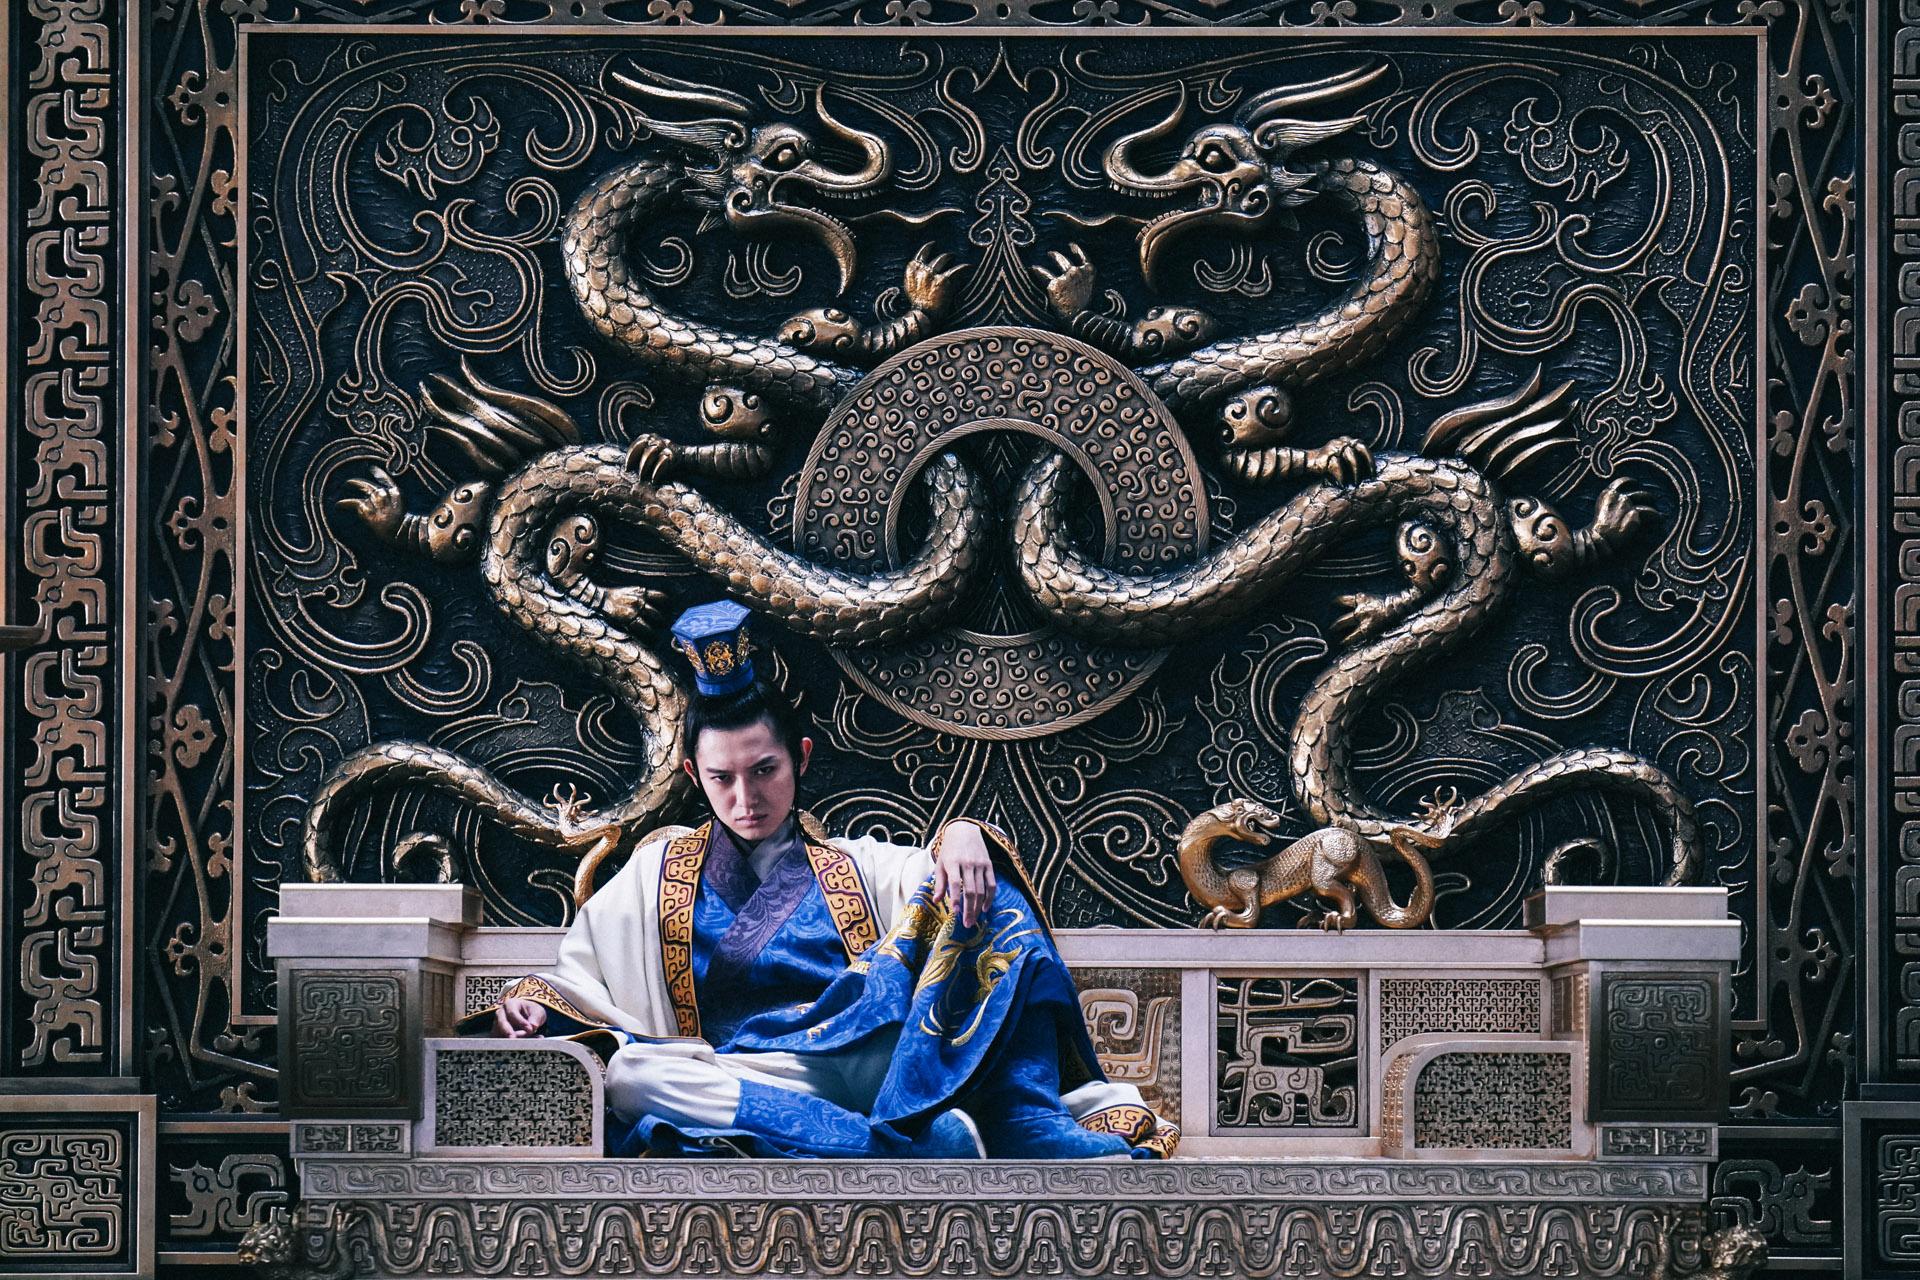 KINGDOM KANATA HONGO CHENG JIAO 2